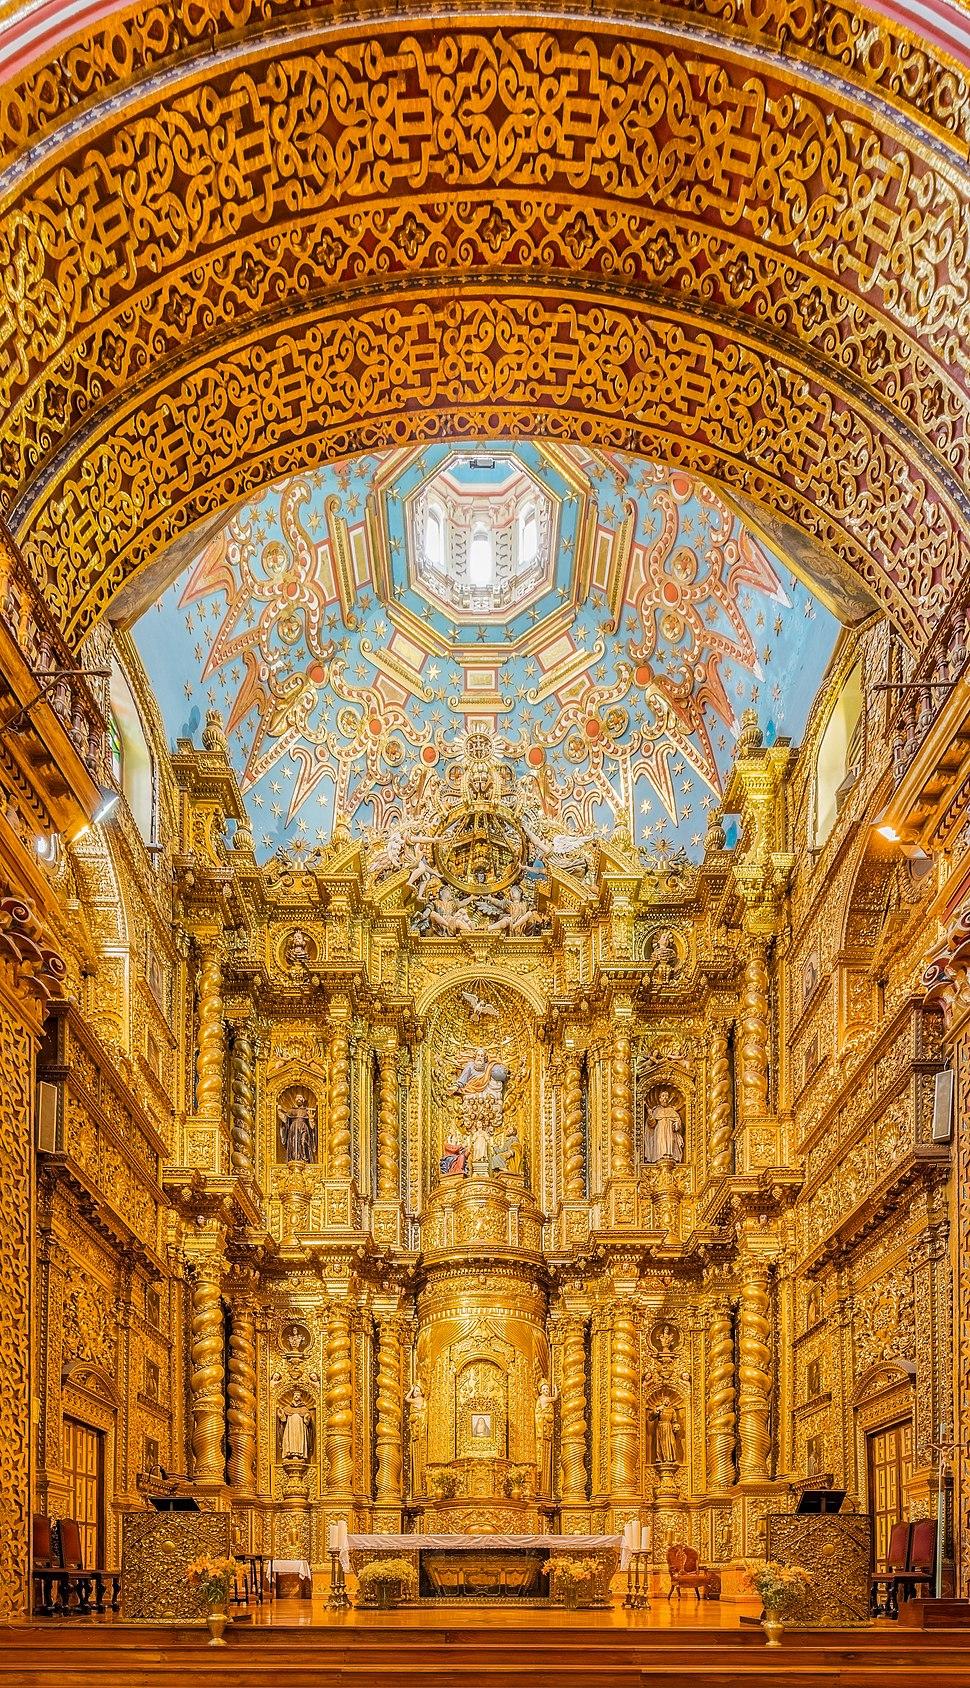 Iglesia de La Compañía, Quito, Ecuador, 2015-07-22, DD 125-127 HDR